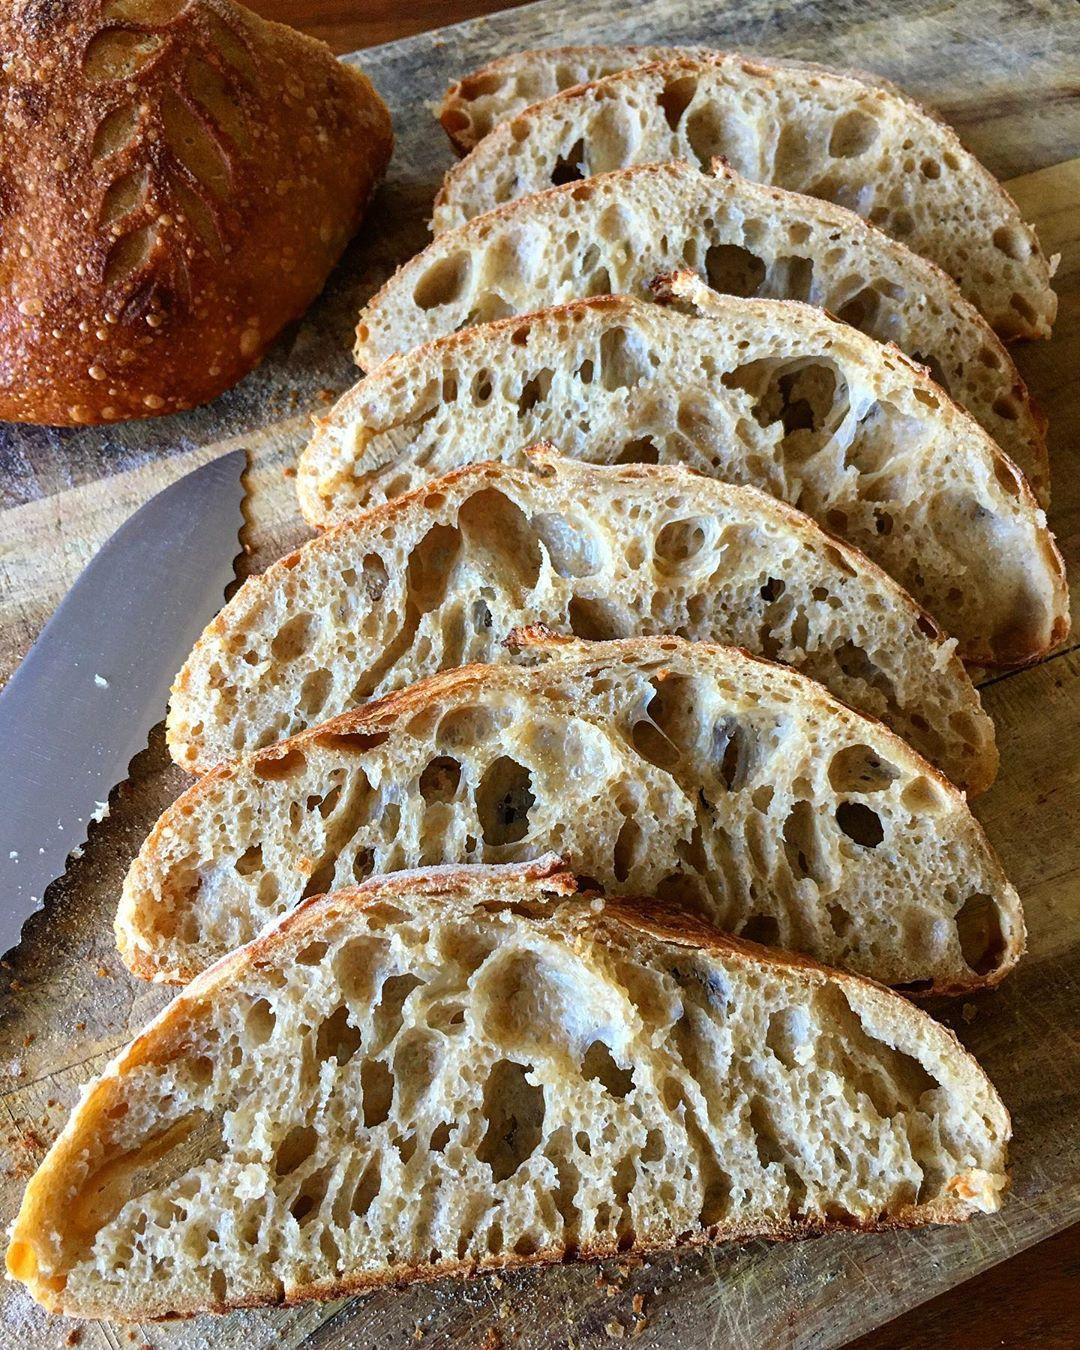 პური, ცხობა, ხელოვნება, ხაბაზი, პურეული, qwelly, ბლოგი